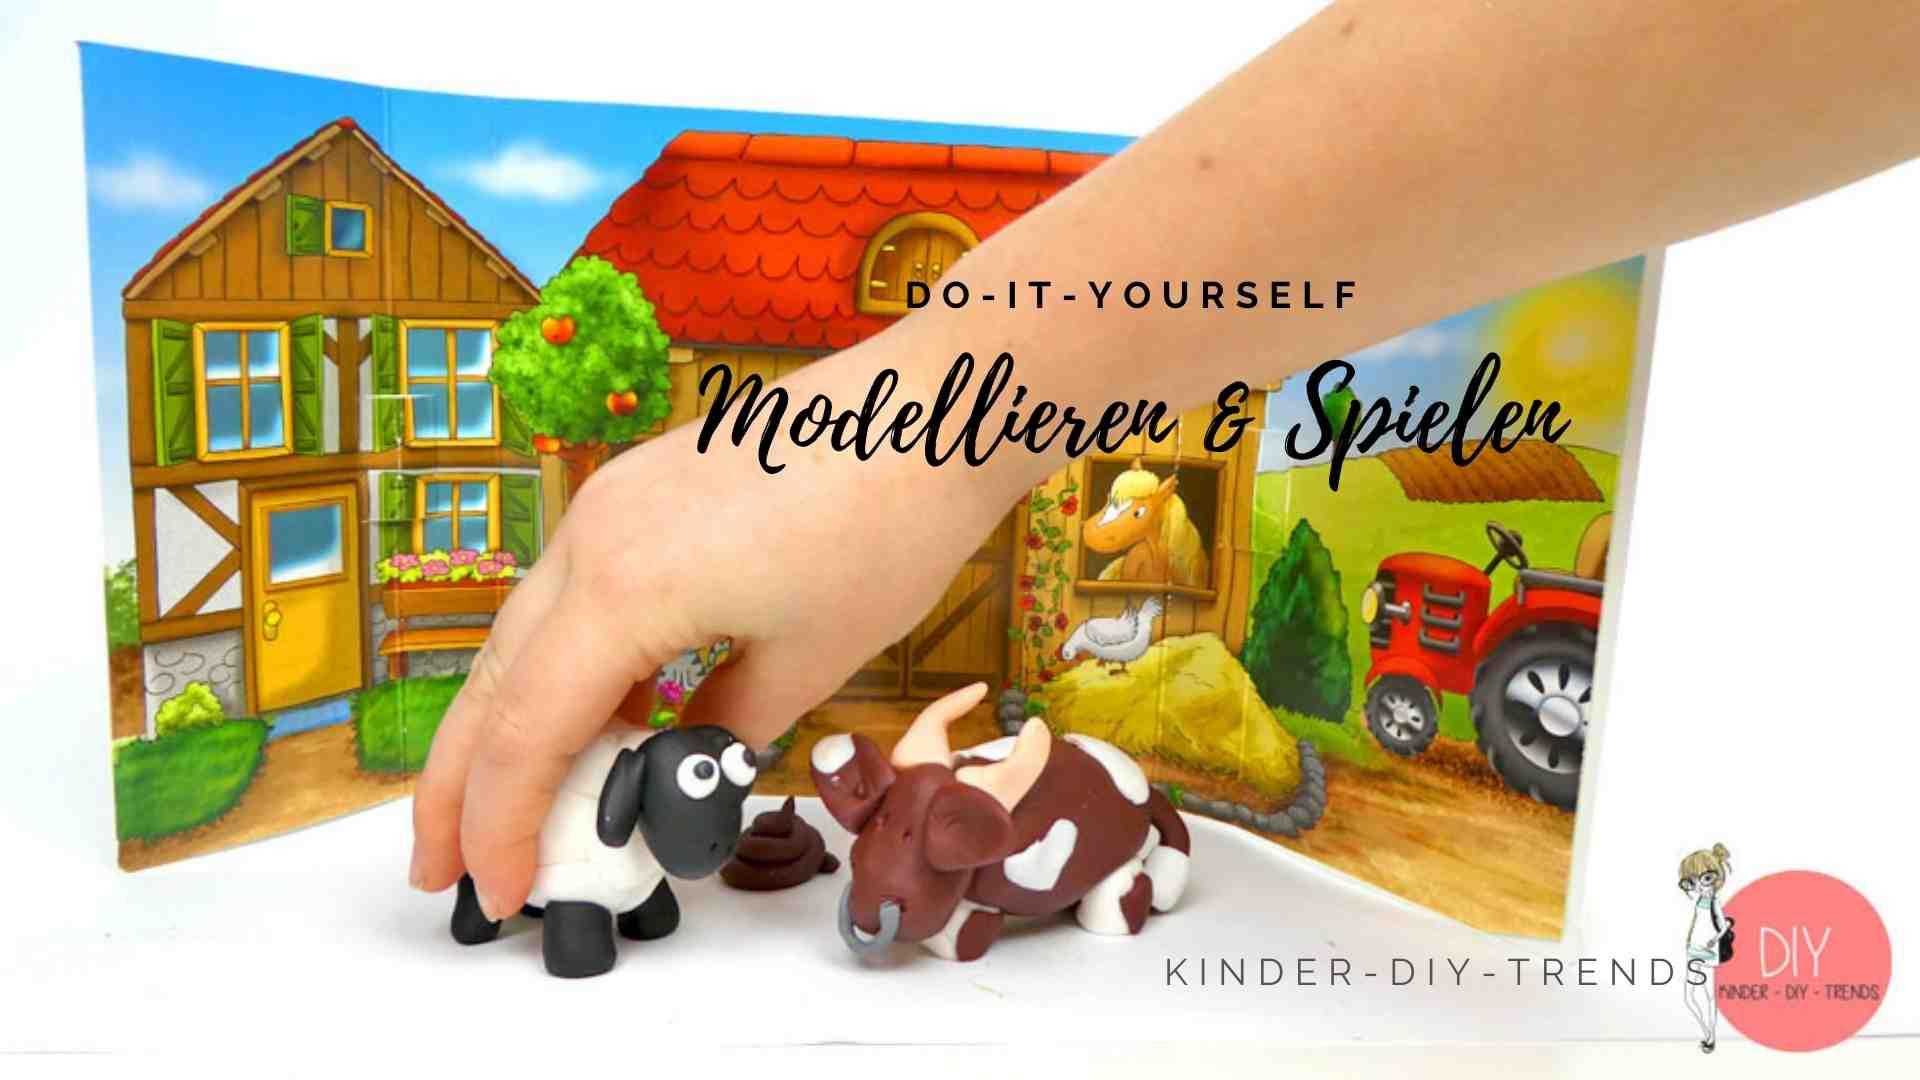 Kreative Geschenkideen für Kinder: Modellieren & kneten mit FIMO